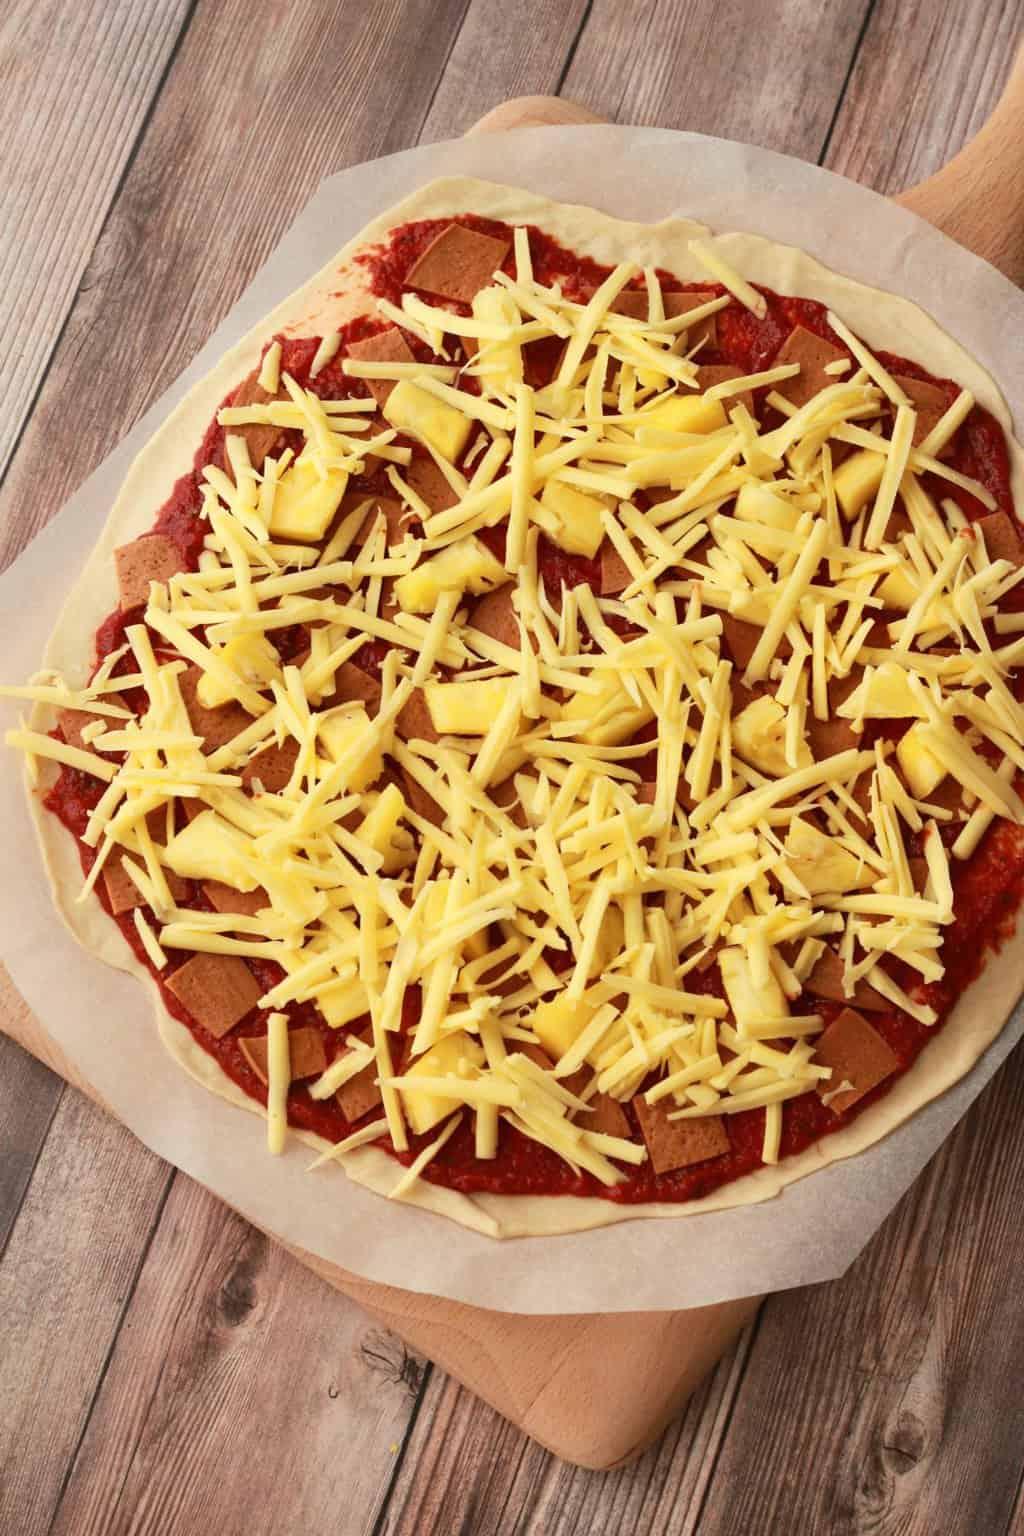 Making Thin-Crust Vegan Pizzas #vegan #lovingitvegan #veganpizza